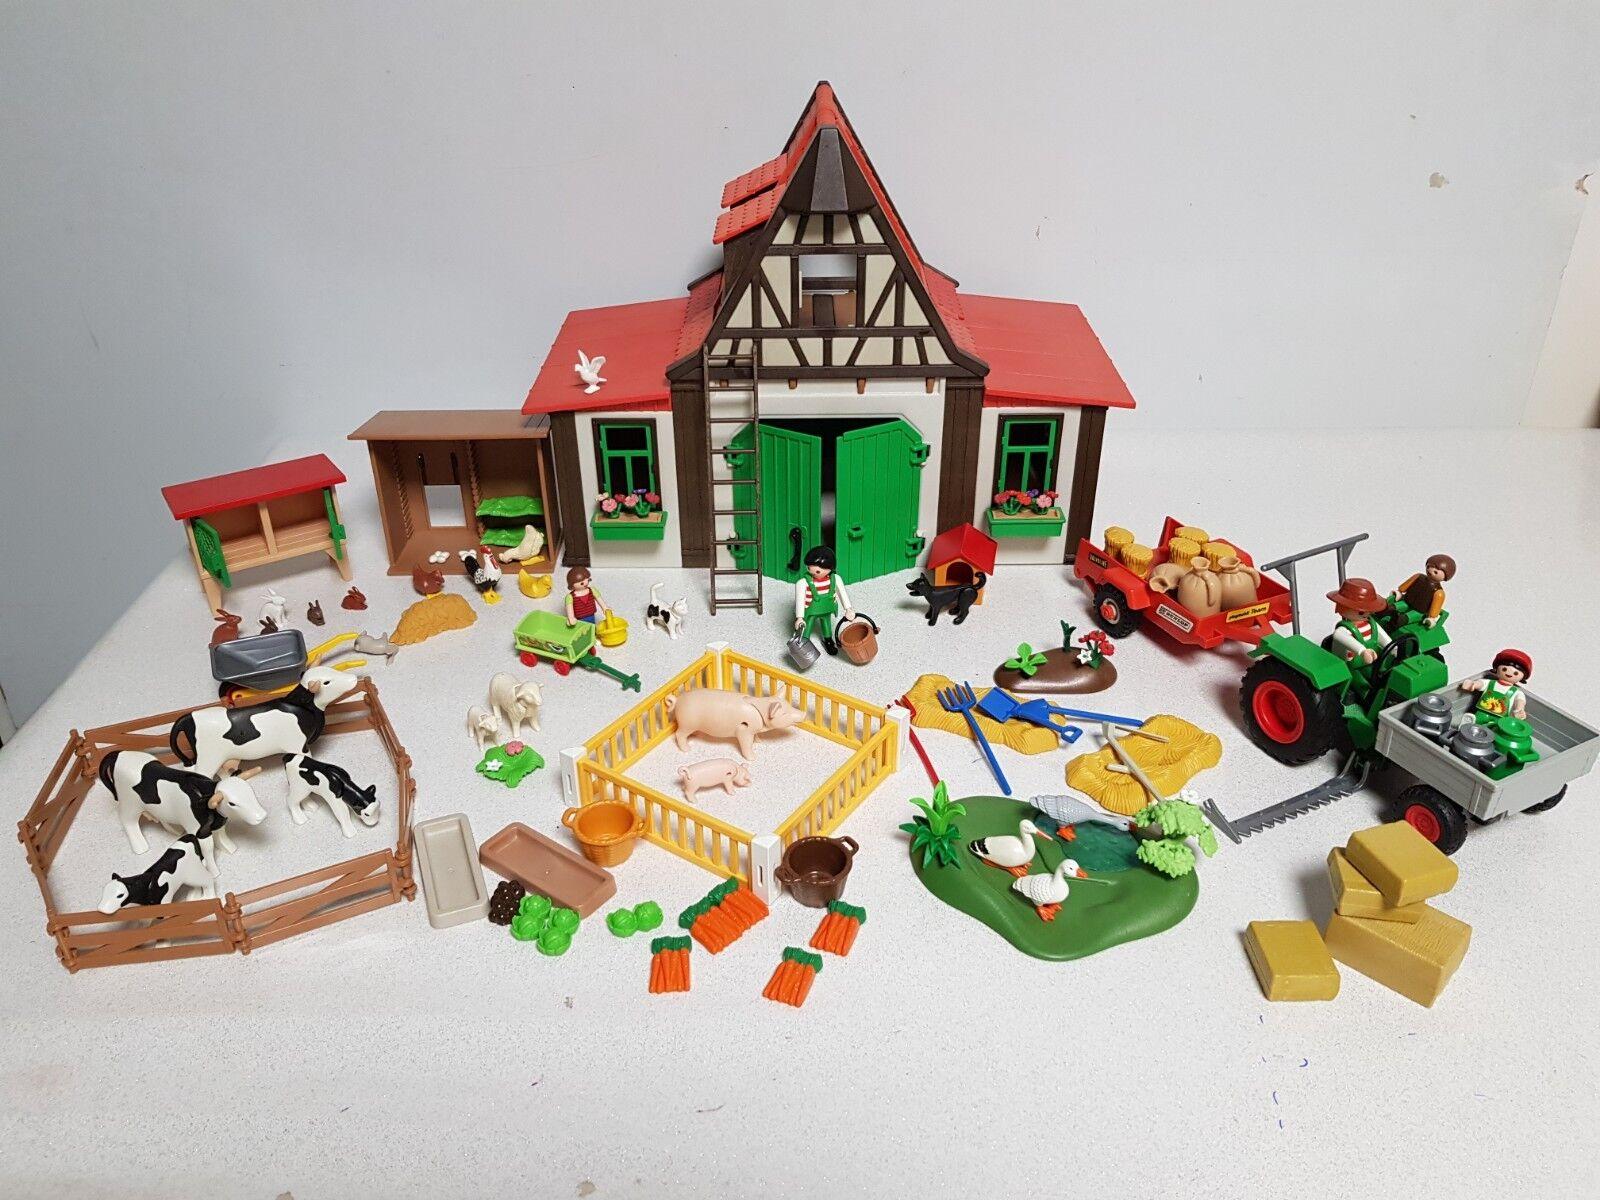 Playmobil Ferme tracteur  faucheuse remorque animaux personnages accessoires -31  acheter pas cher neuf